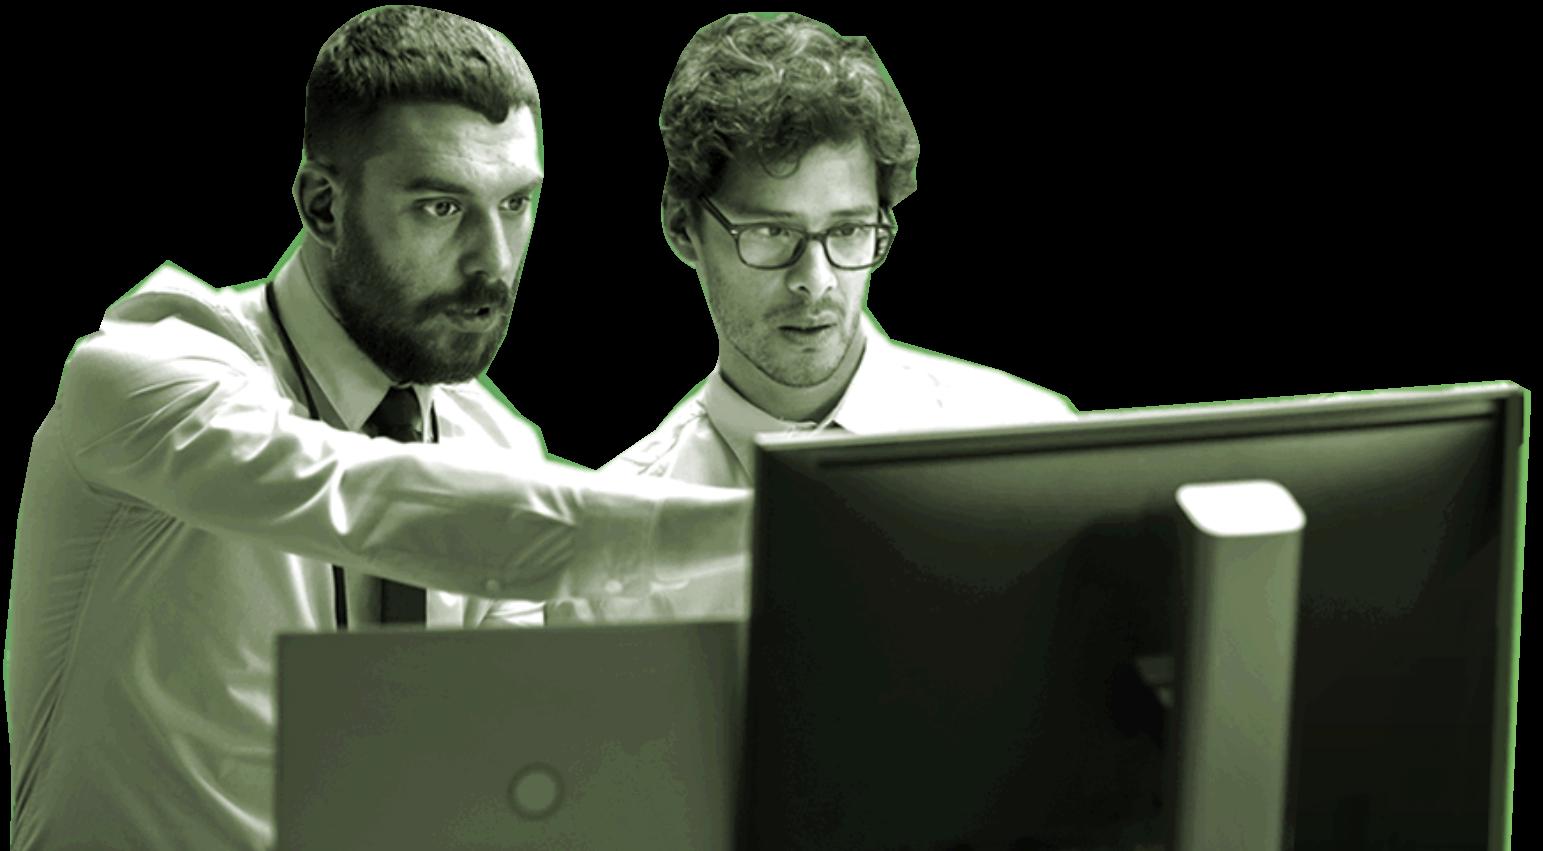 2 guys looking at a computer monitor